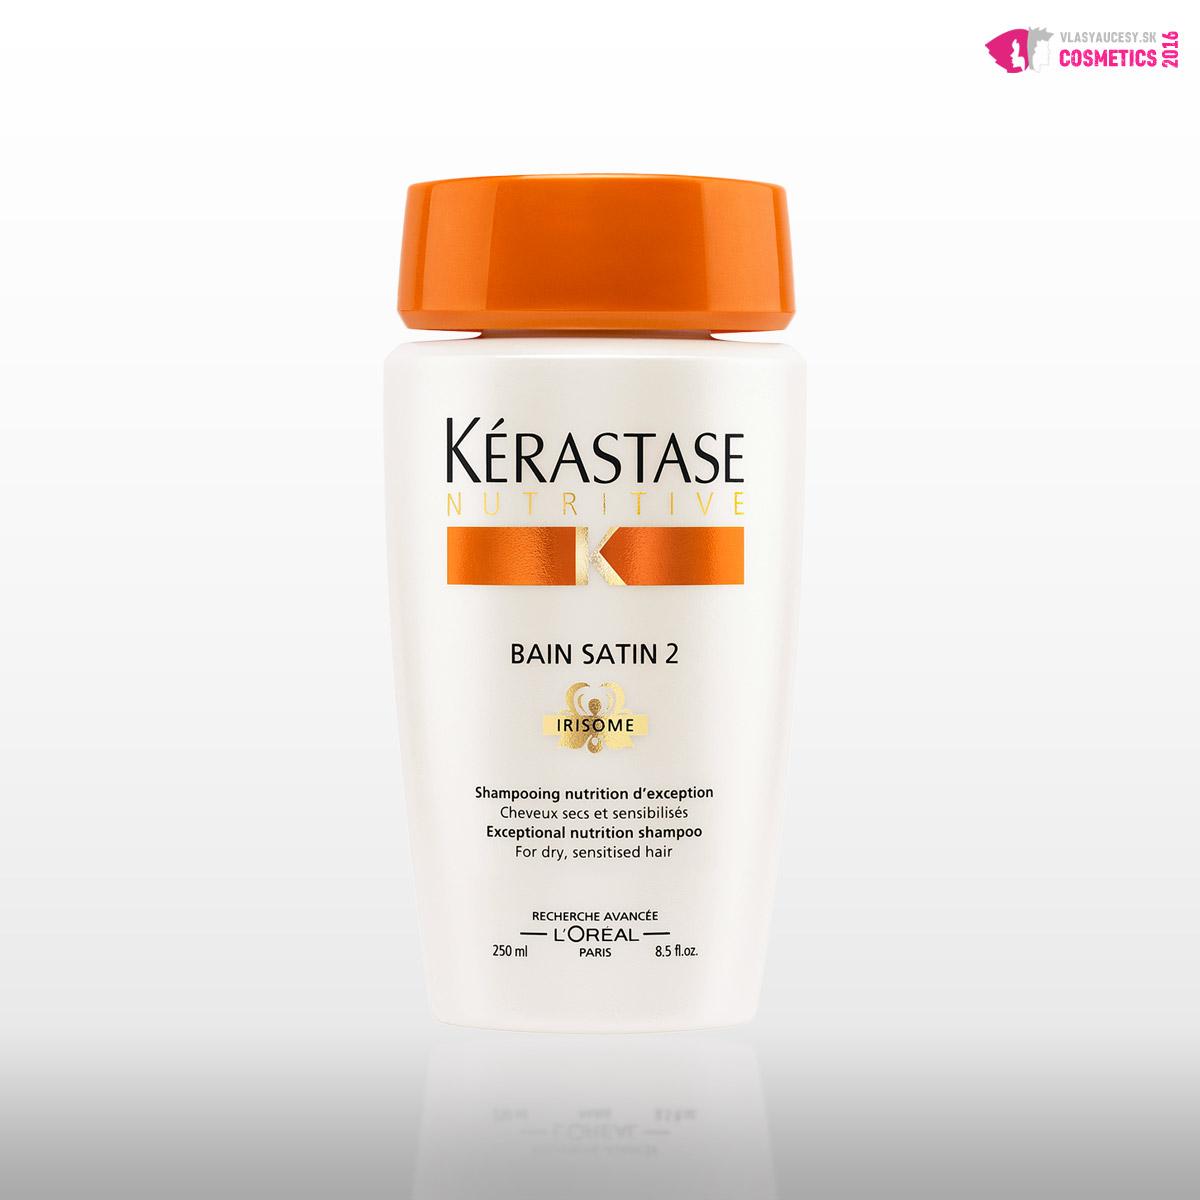 """Šampóny Kérastase pre suché vlasy: <a href=""""http://www.anrdoezrs.net/links/8058143/type/dlg/http://www.parfums.sk/kerastase/nutritive-sampon-pre-suche-vlasy/"""" target=""""_blank"""">Kérastase Nutritive šampón pre suché vlasy, cena od 17.00 €.</a>"""